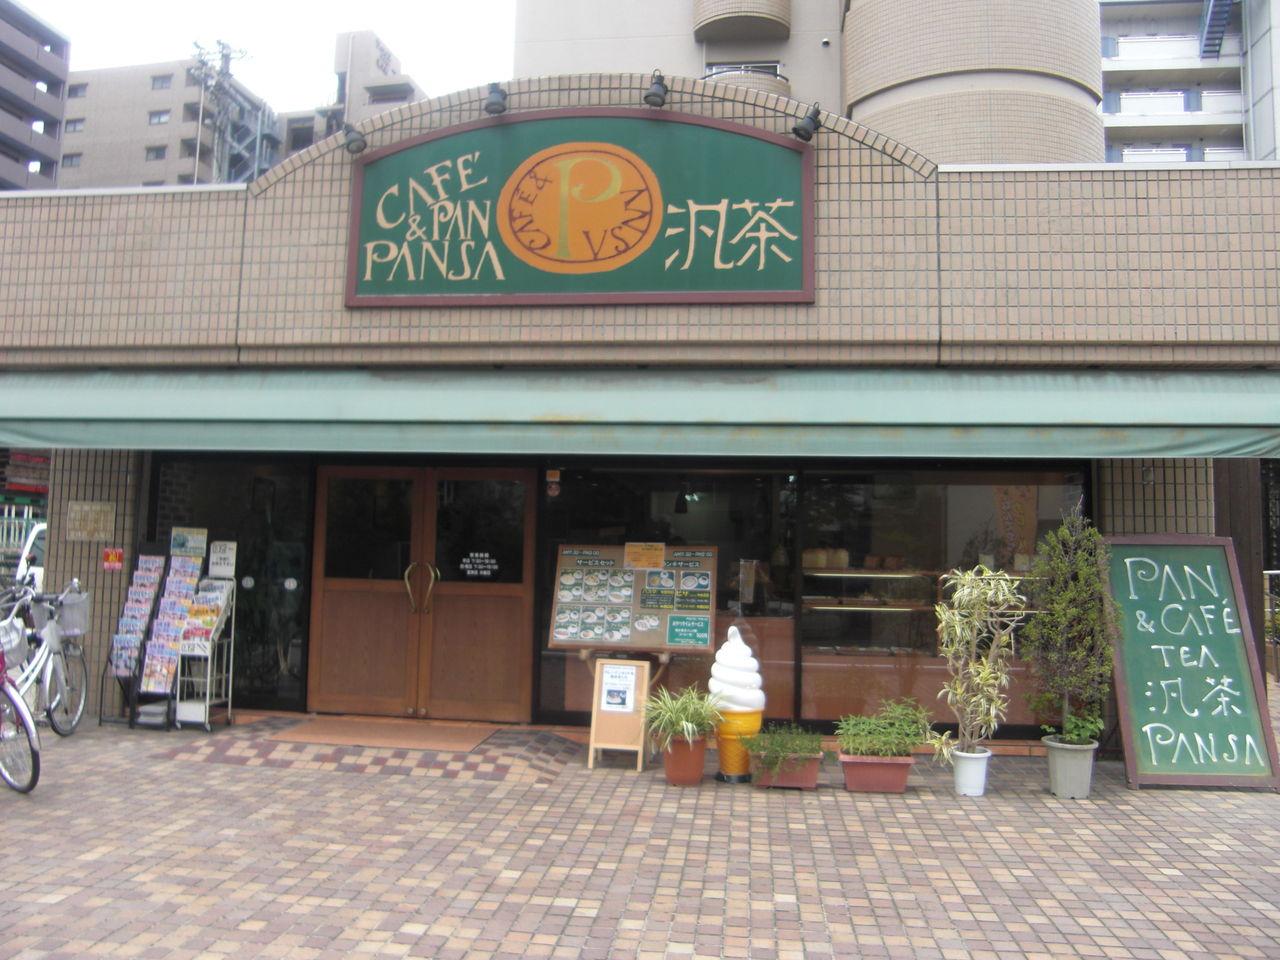 CAFE&PAN 汎茶